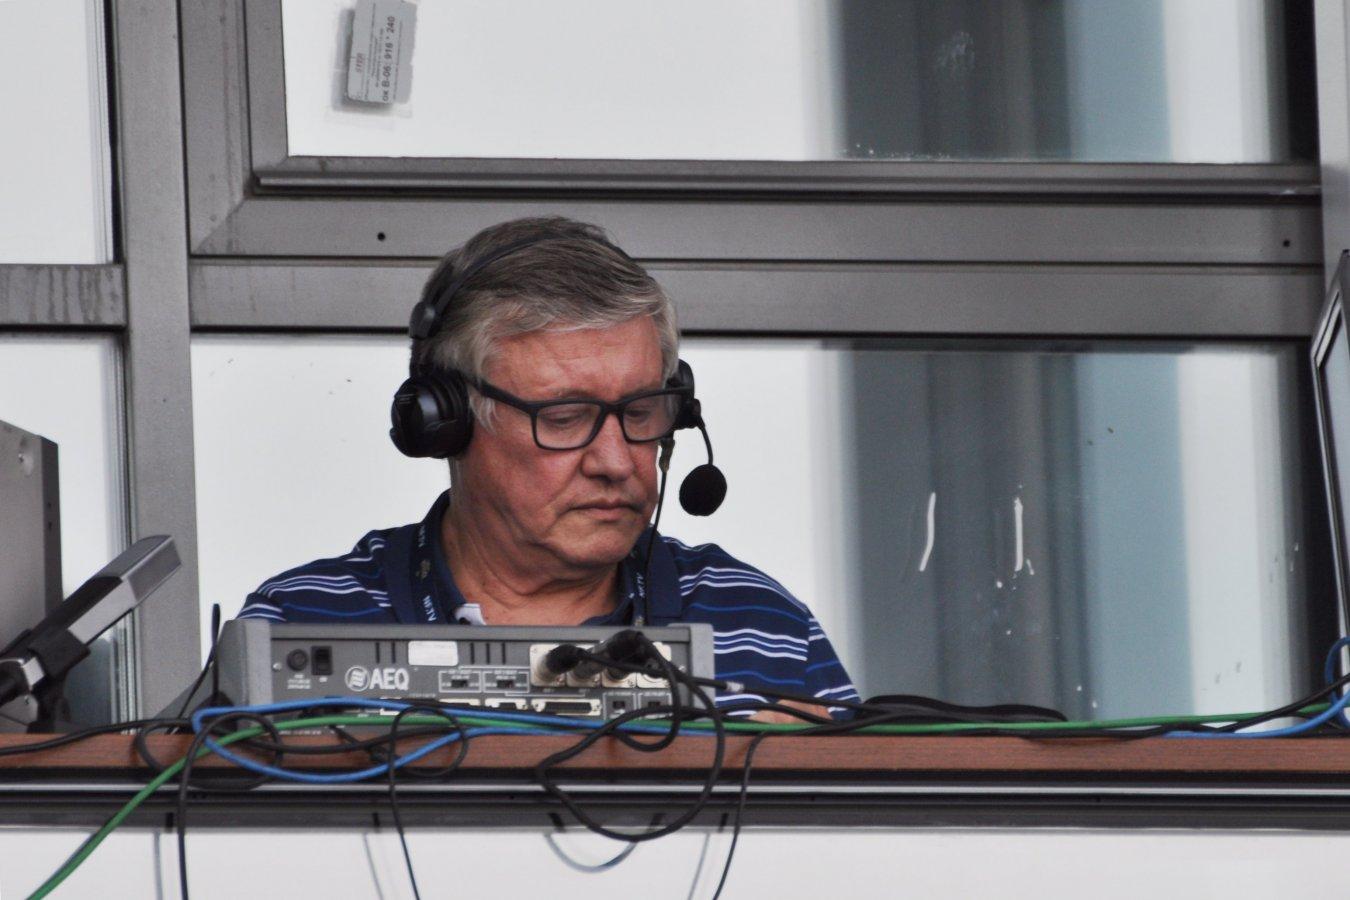 Орлов: если бы Зинченко перешёл в Зенит, то не попал бы в финал Лиги чемпионов